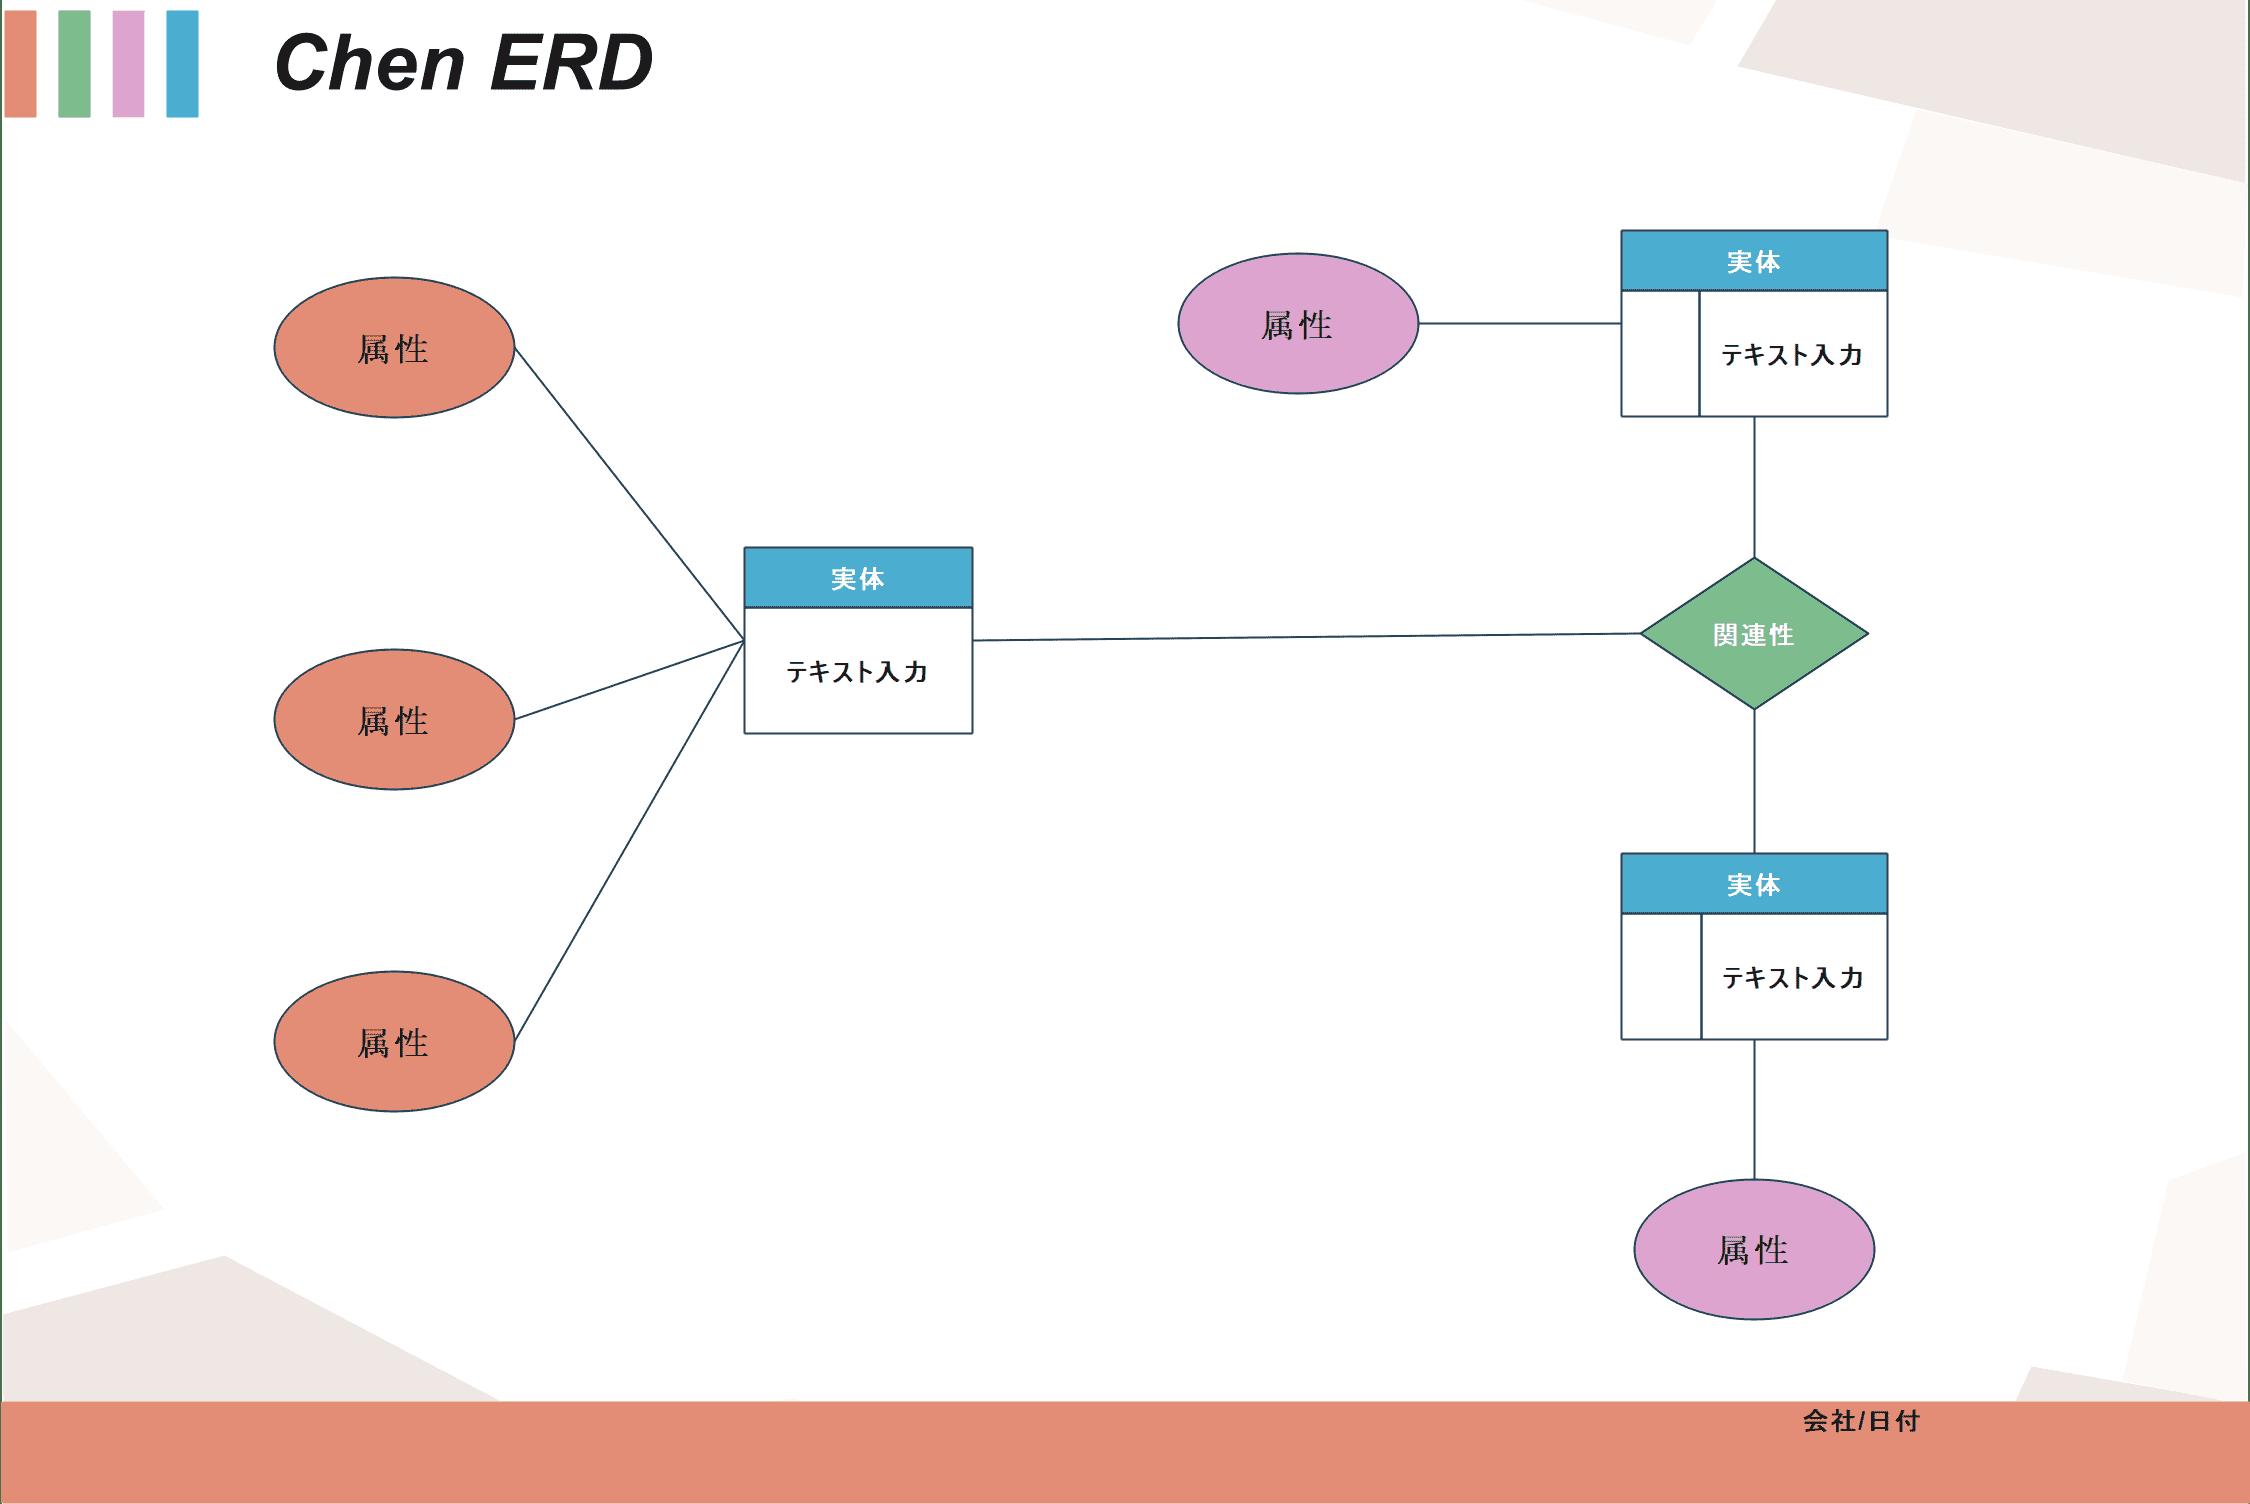 Chen ERD